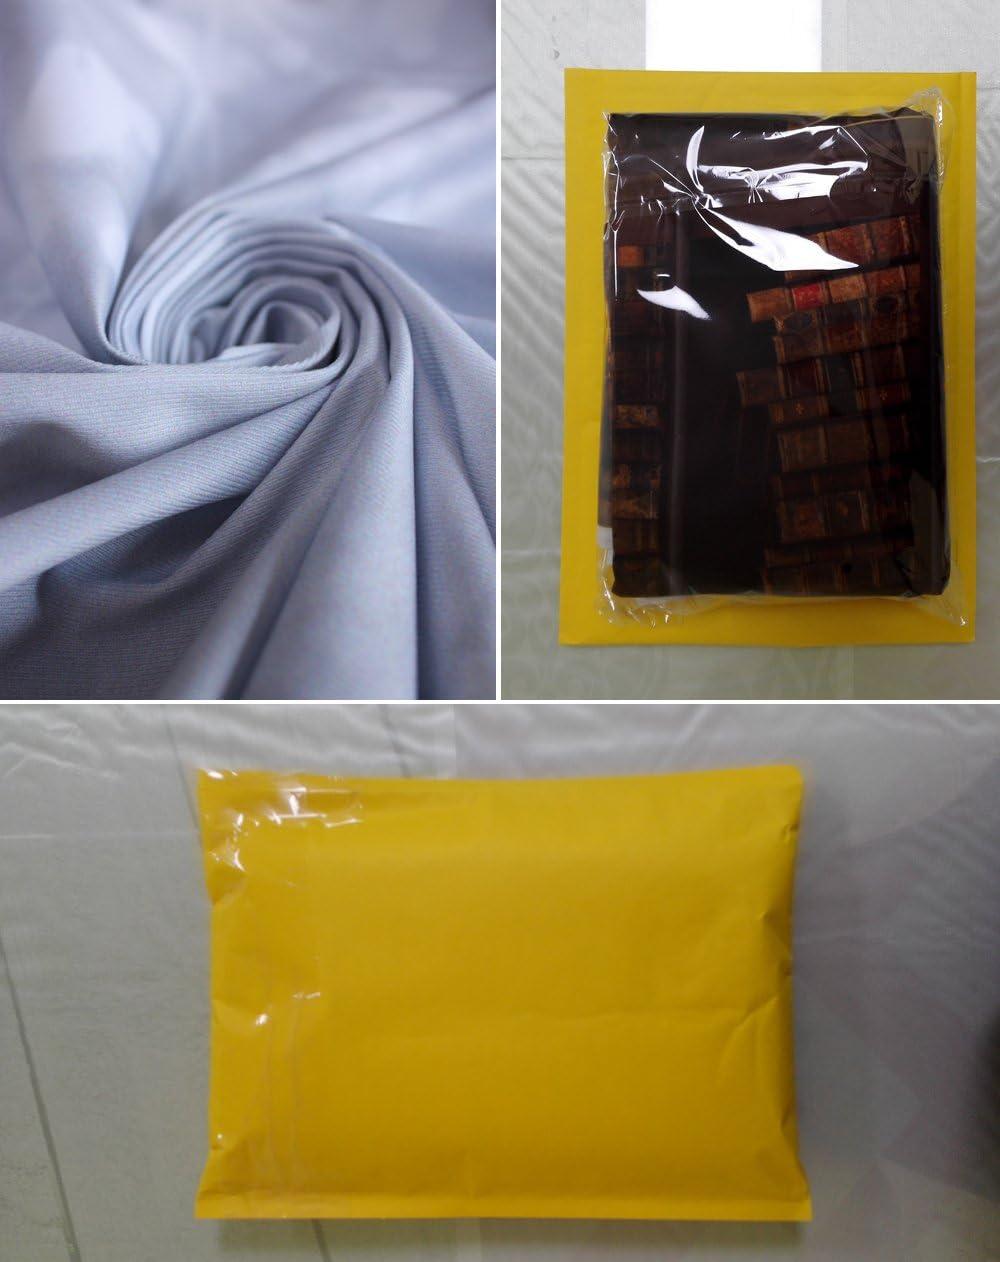 Muzi 150x220cm fondo de pared blanco fancy neonatal fotograf/ía fondo vinilo fondo XT-3931